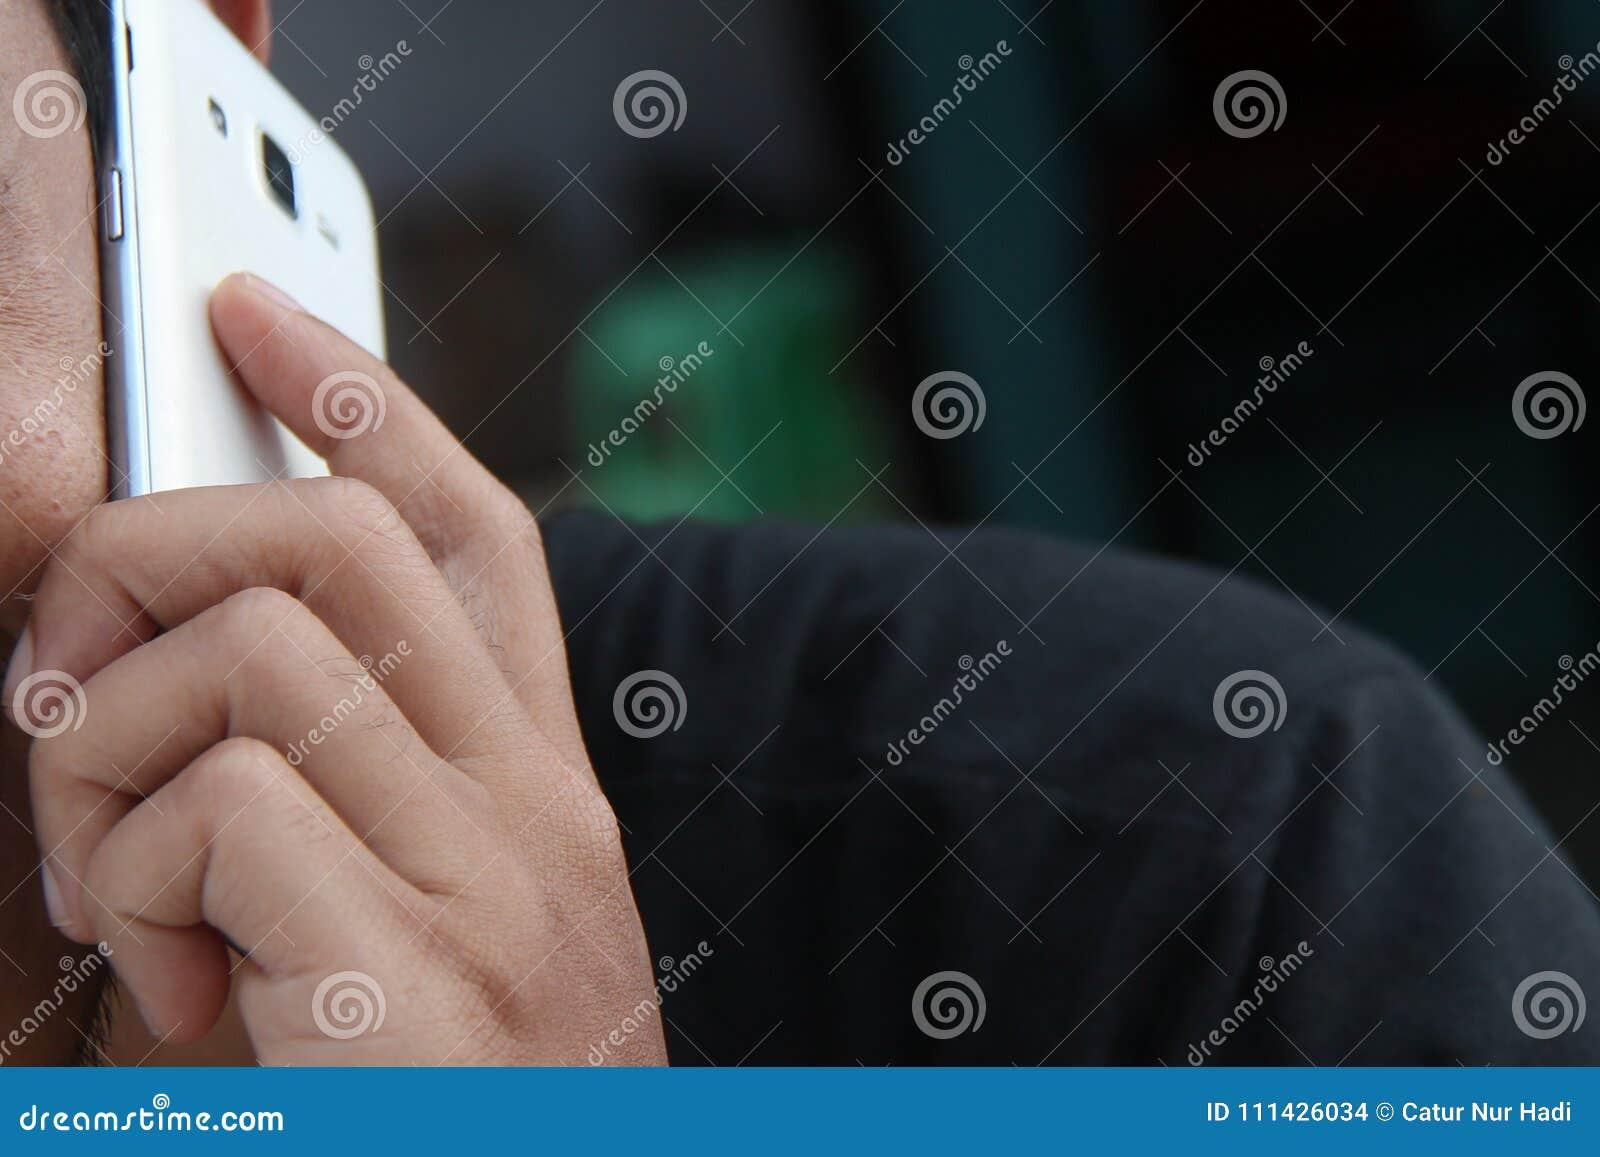 Sosteniendo un teléfono, el hombre está llamando, la versión 6